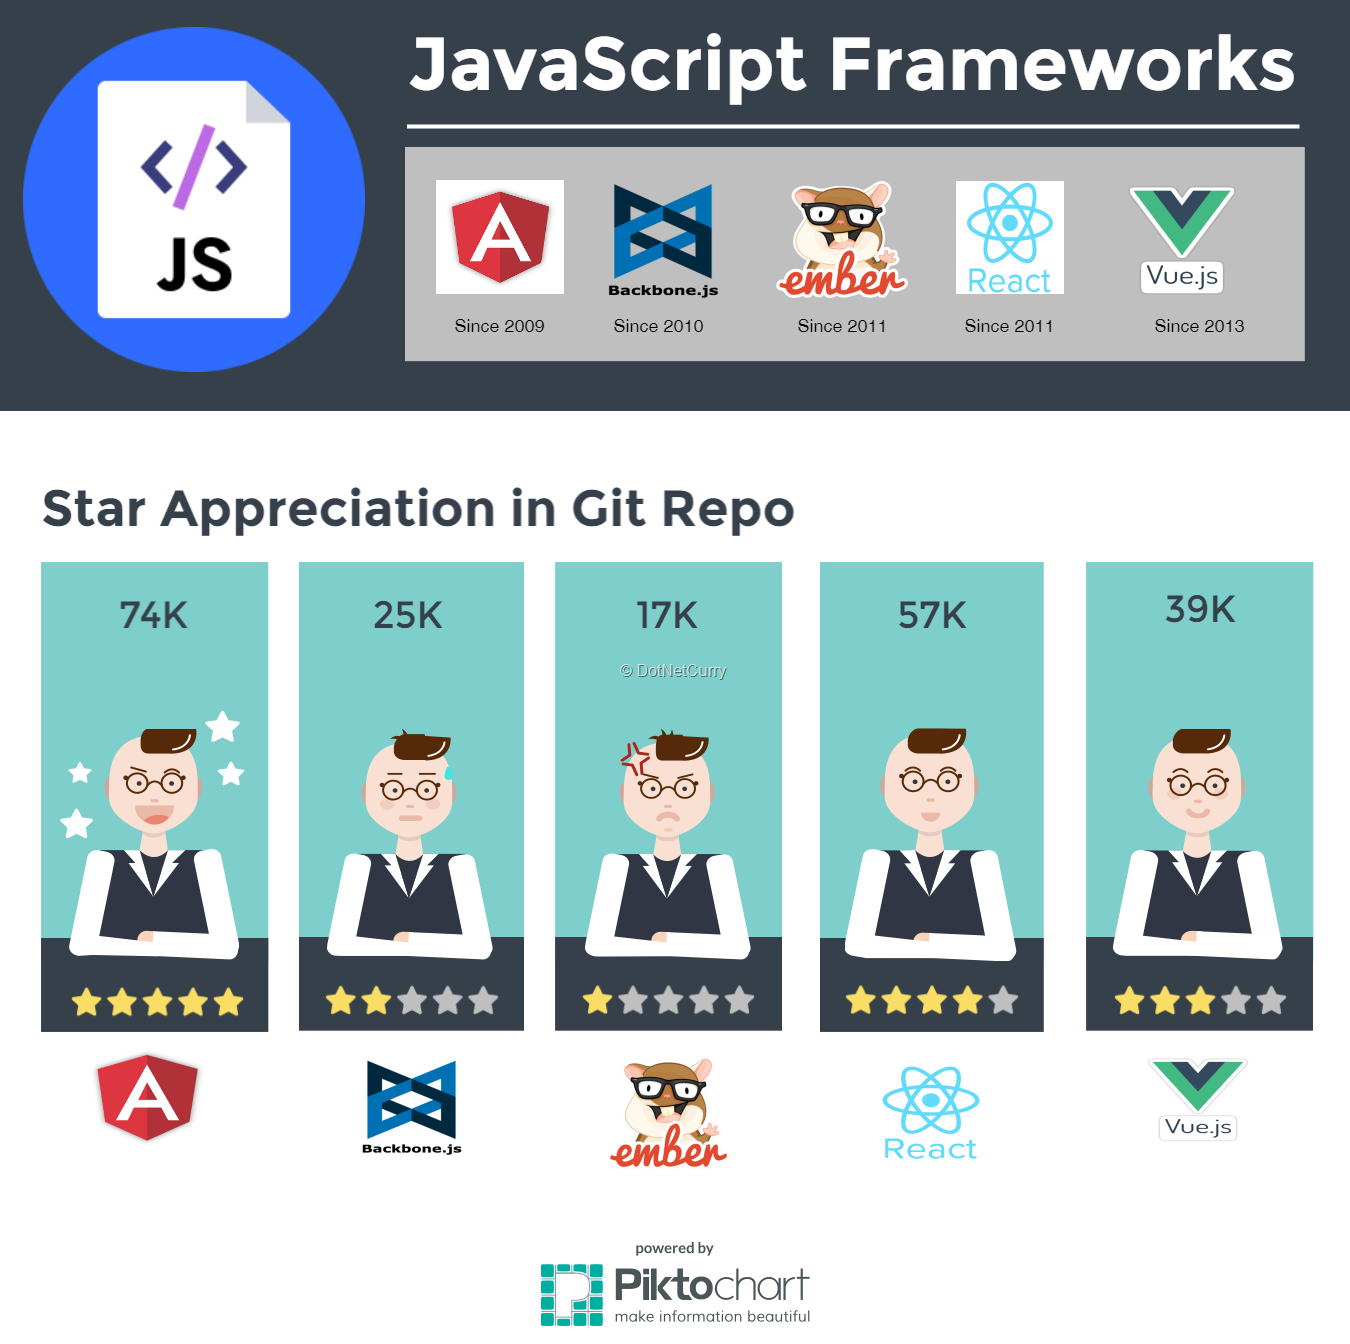 js-framework-usage